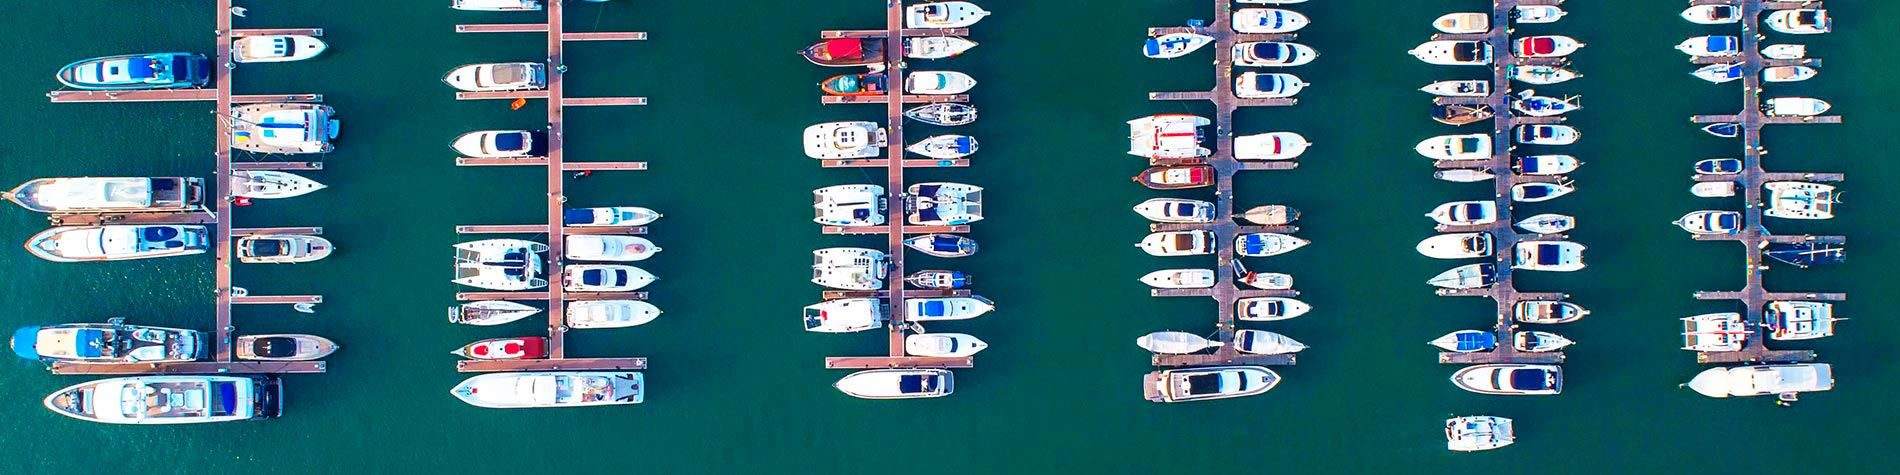 Lösungen für Hafenmeister - Unterstützung in der Hafenverwaltung